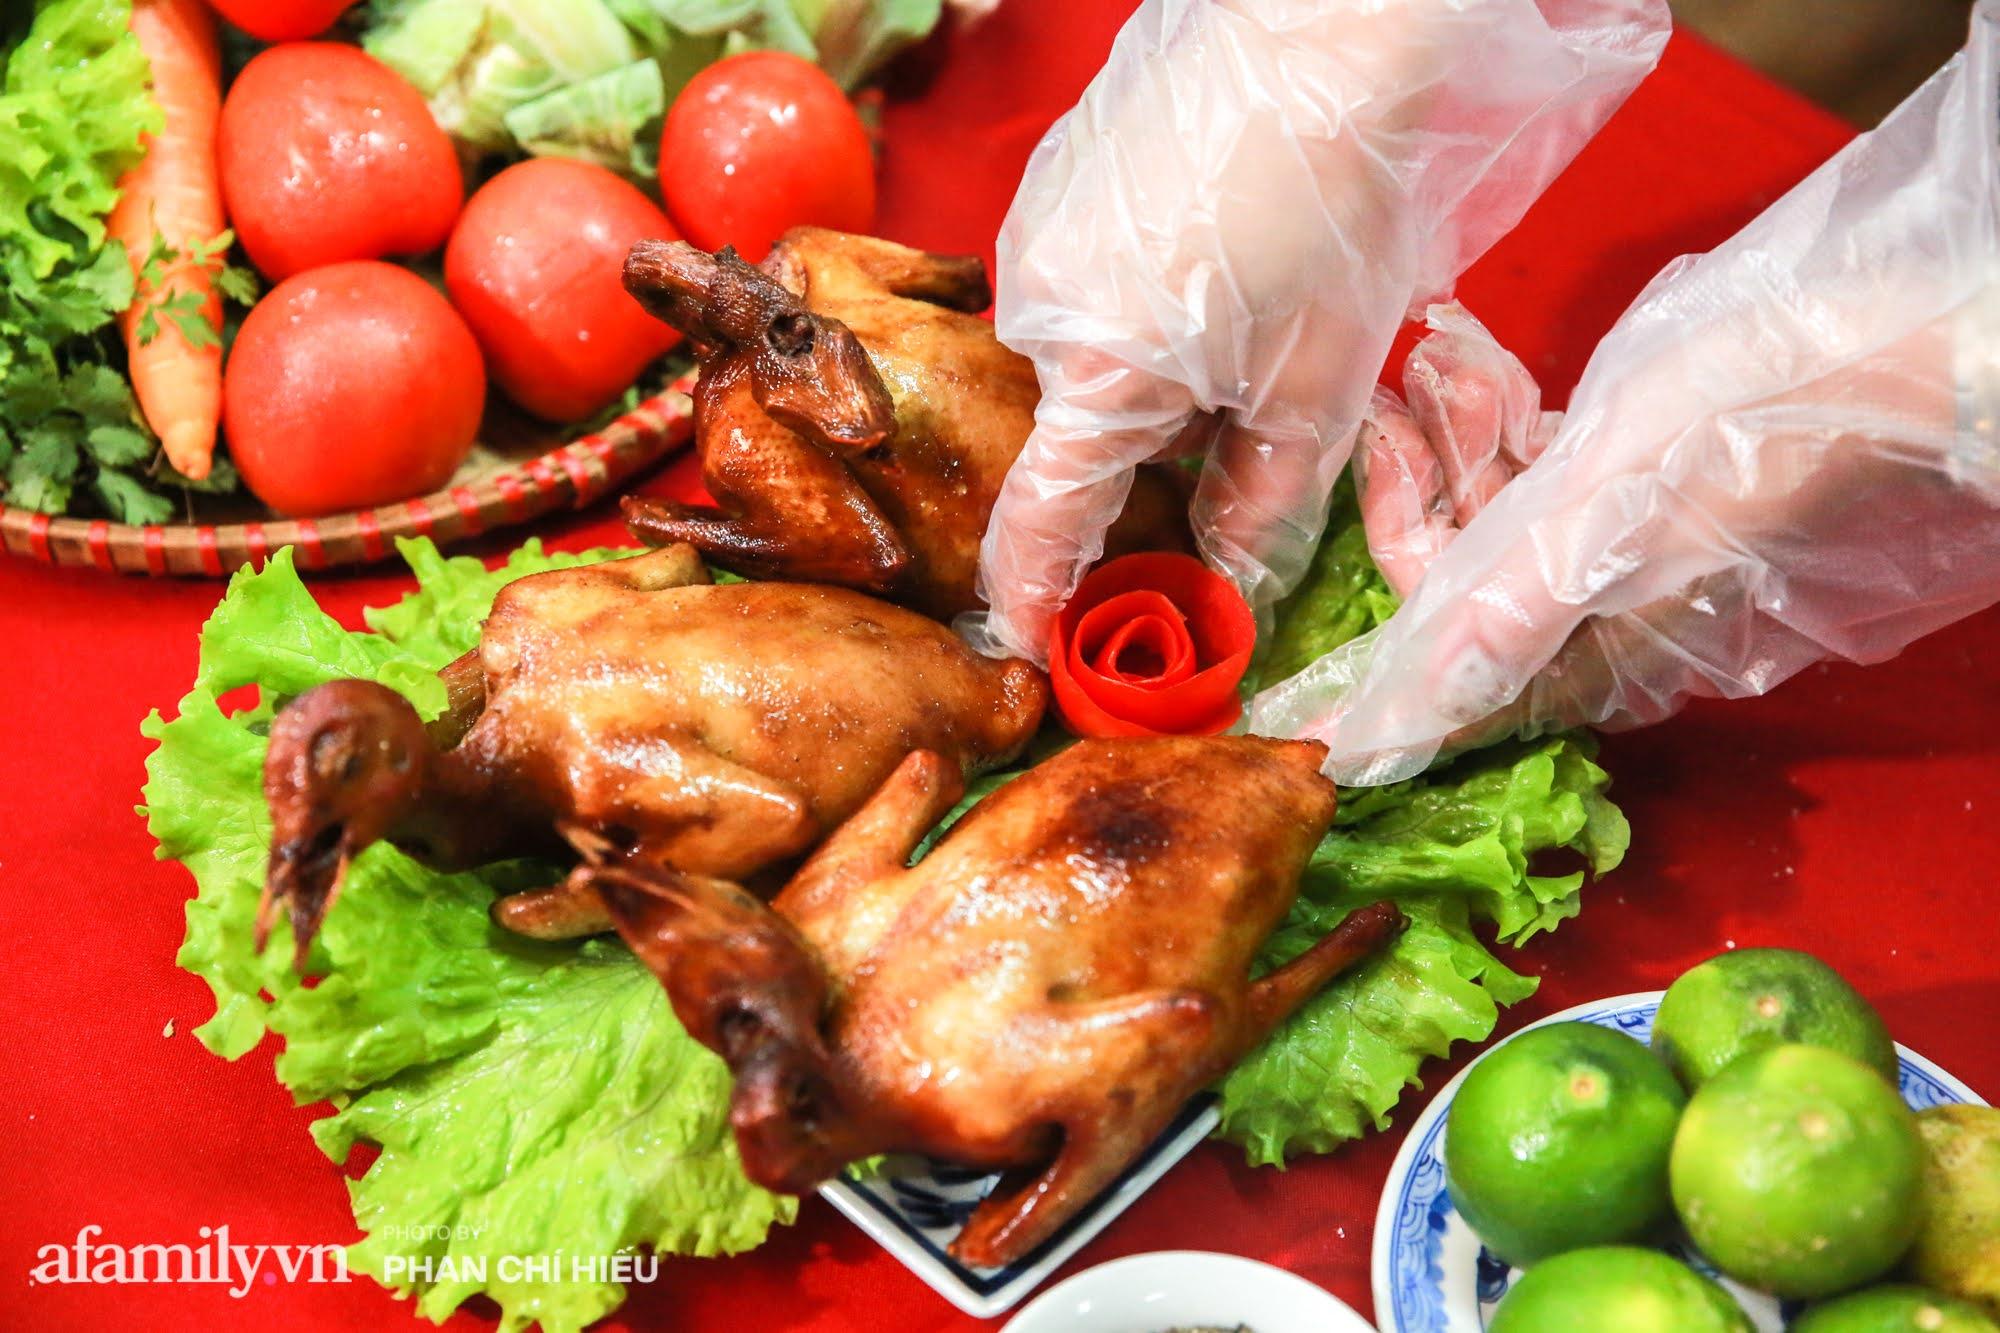 Món chim quay mỗi mùa Tết đều xuất đi hàng nghìn con của nghệ nhân ẩm thực nức tiếng phố cổ Hà Nội, bí quyết gói gọn trong cách chọn chim và làm sạch chứ không phải khâu tẩm ướp gia vị - Ảnh 14.